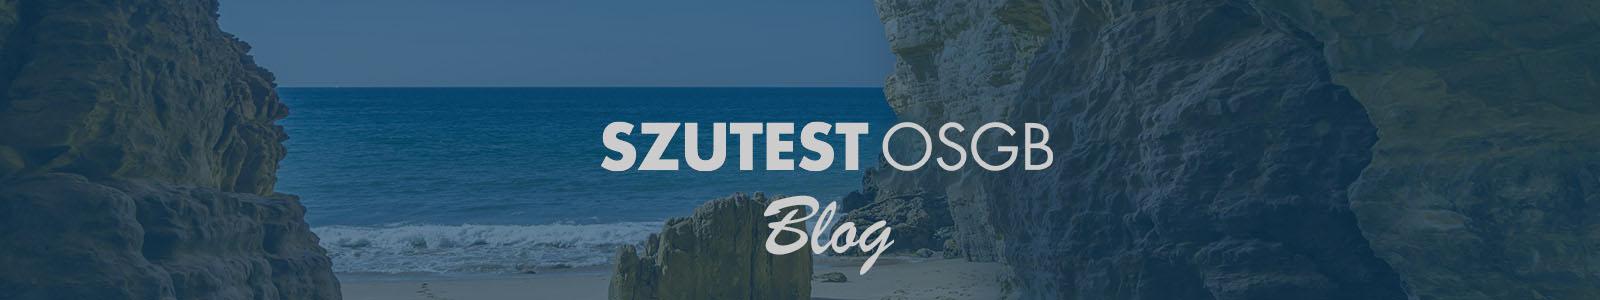 SzutestOSGB-blog